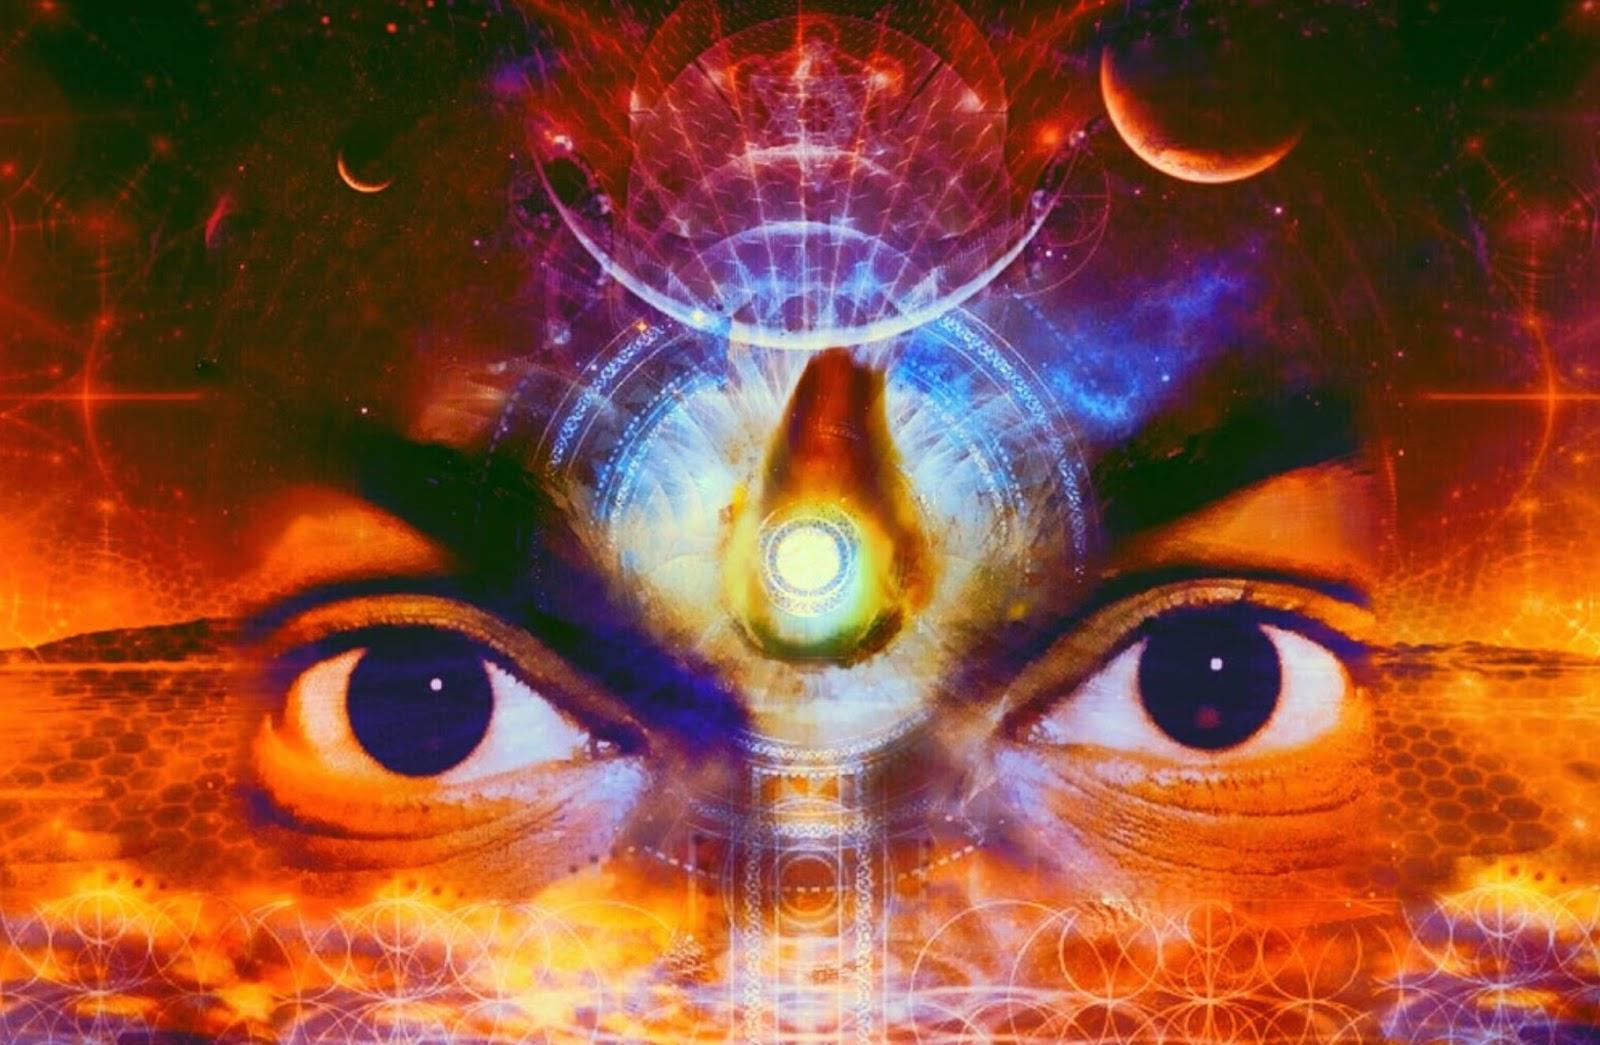 harmadik szem a látásra